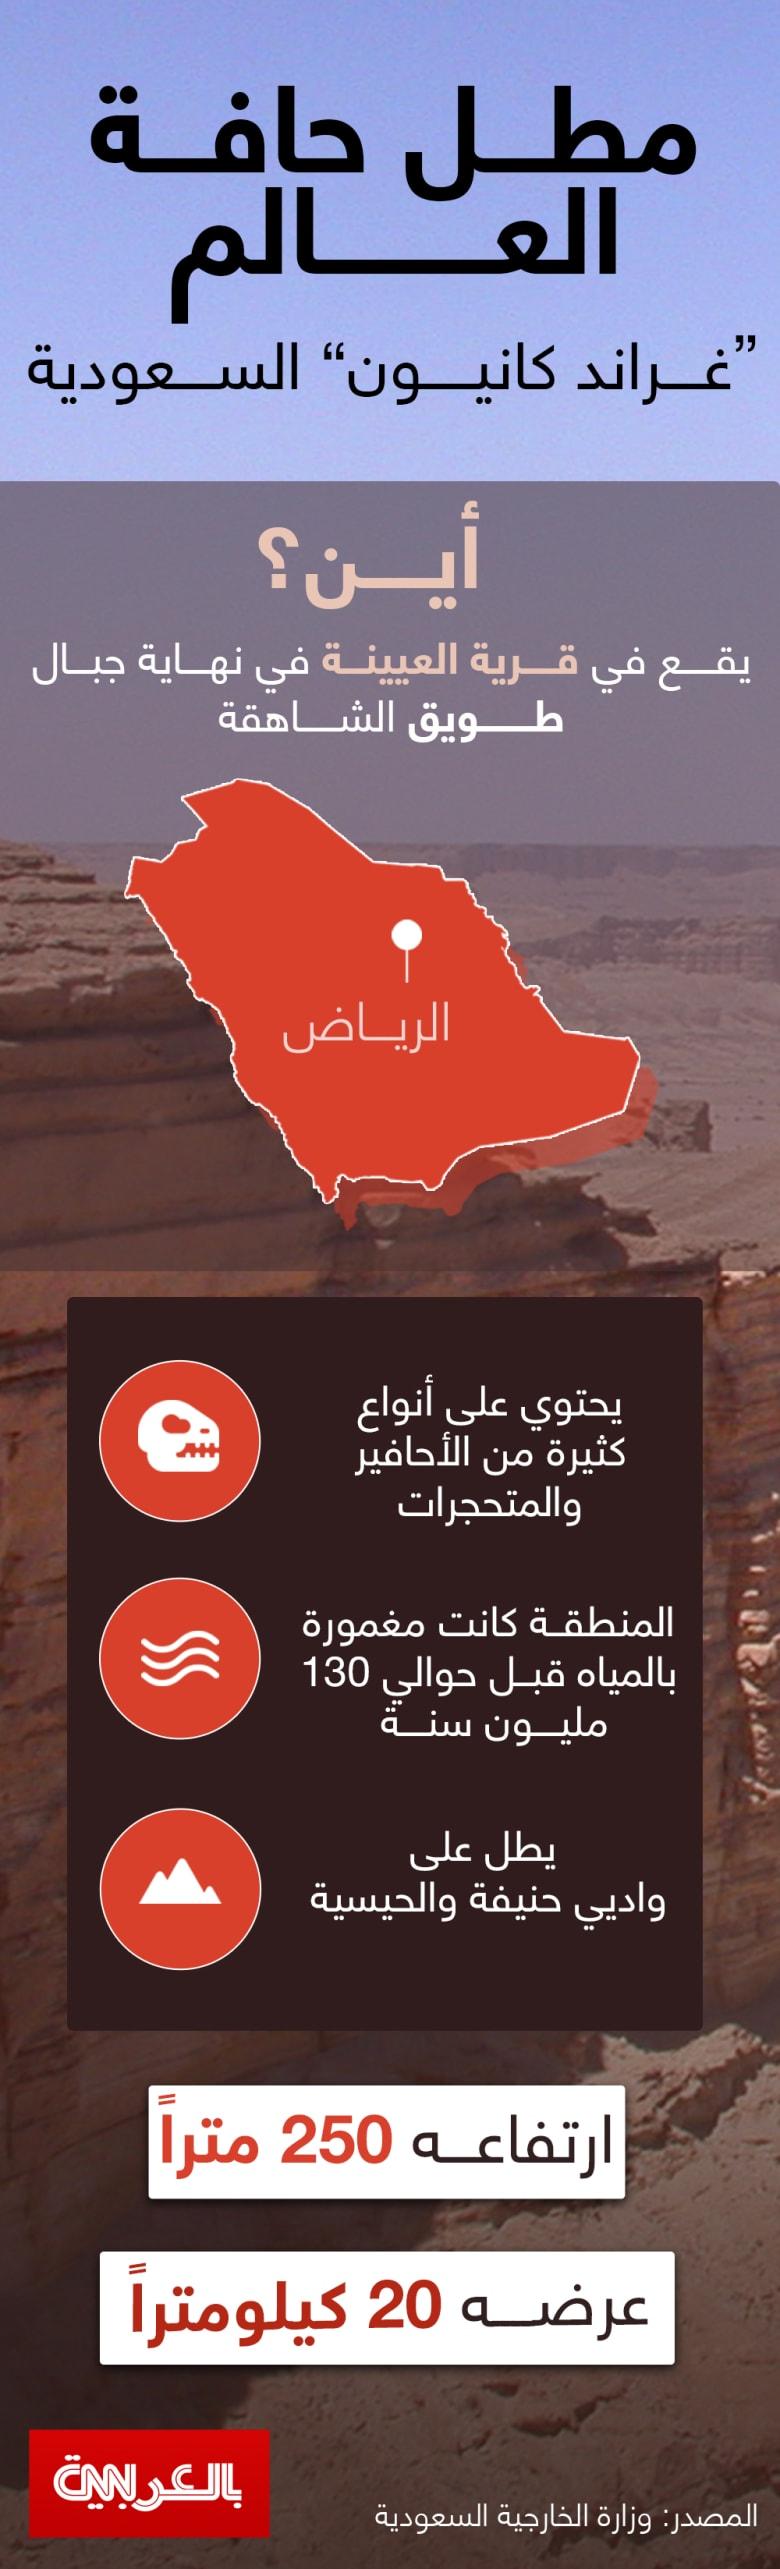 Matal saudi canyon